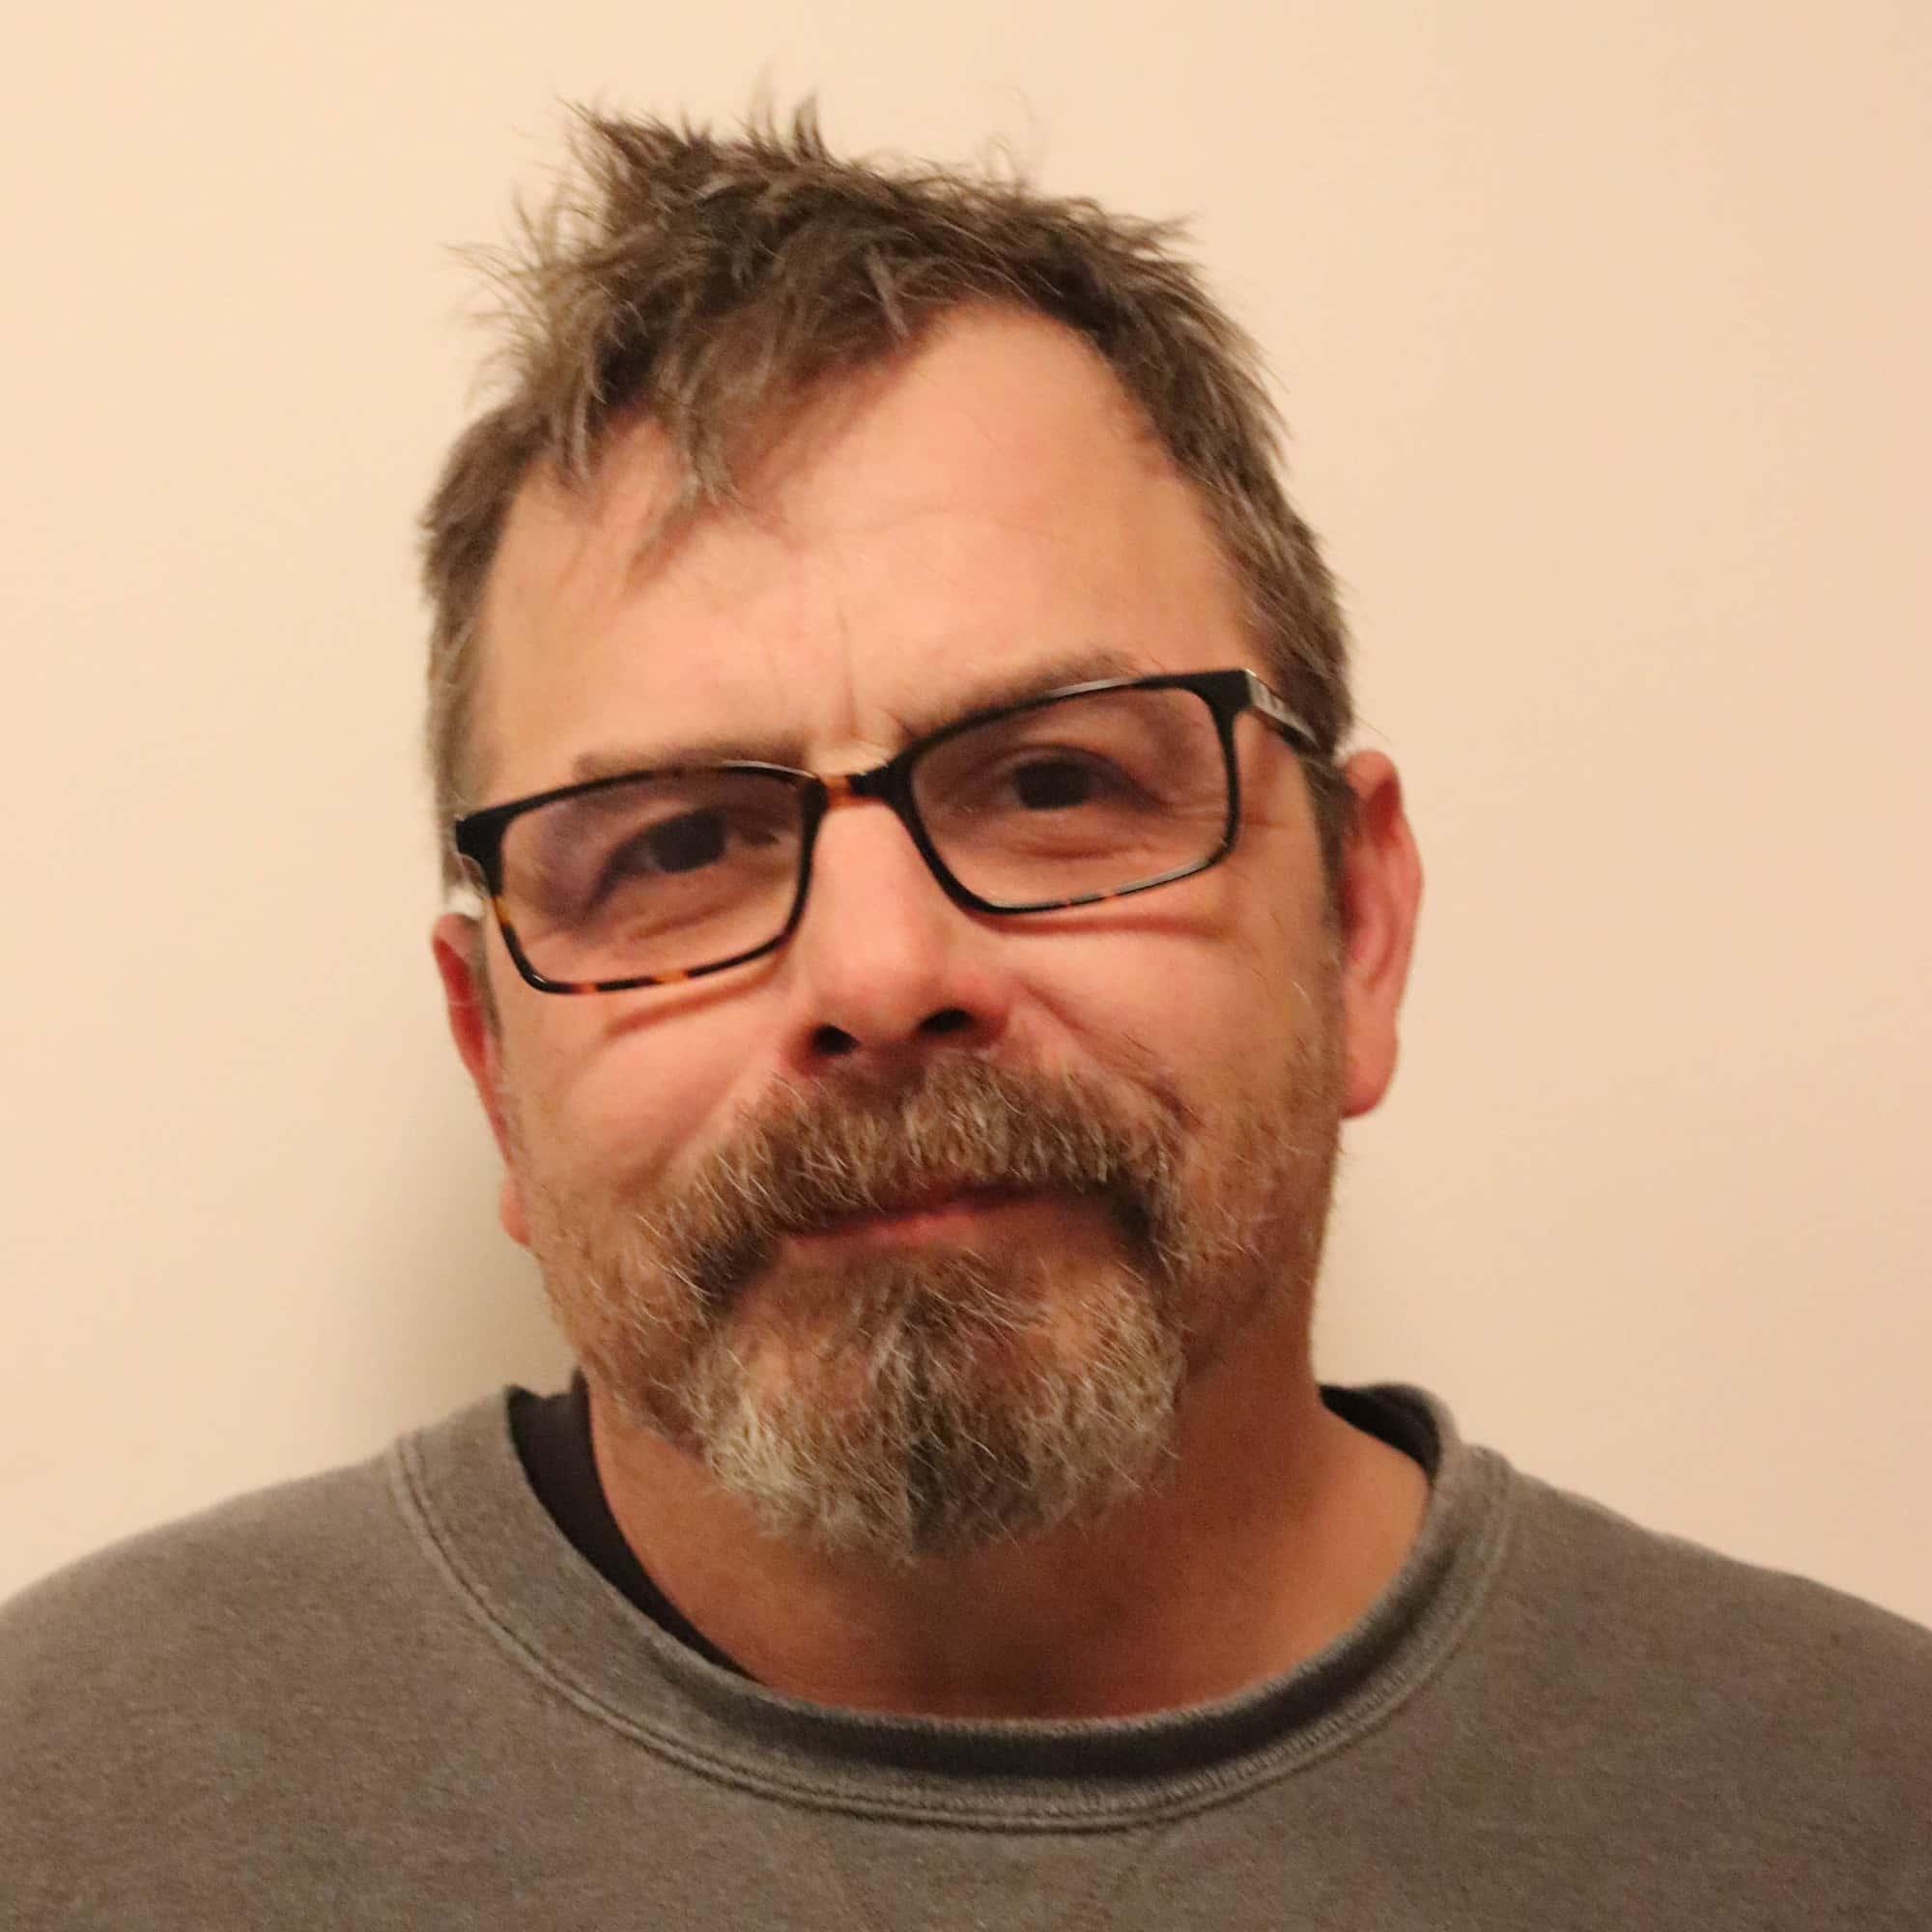 Christopher Swantek